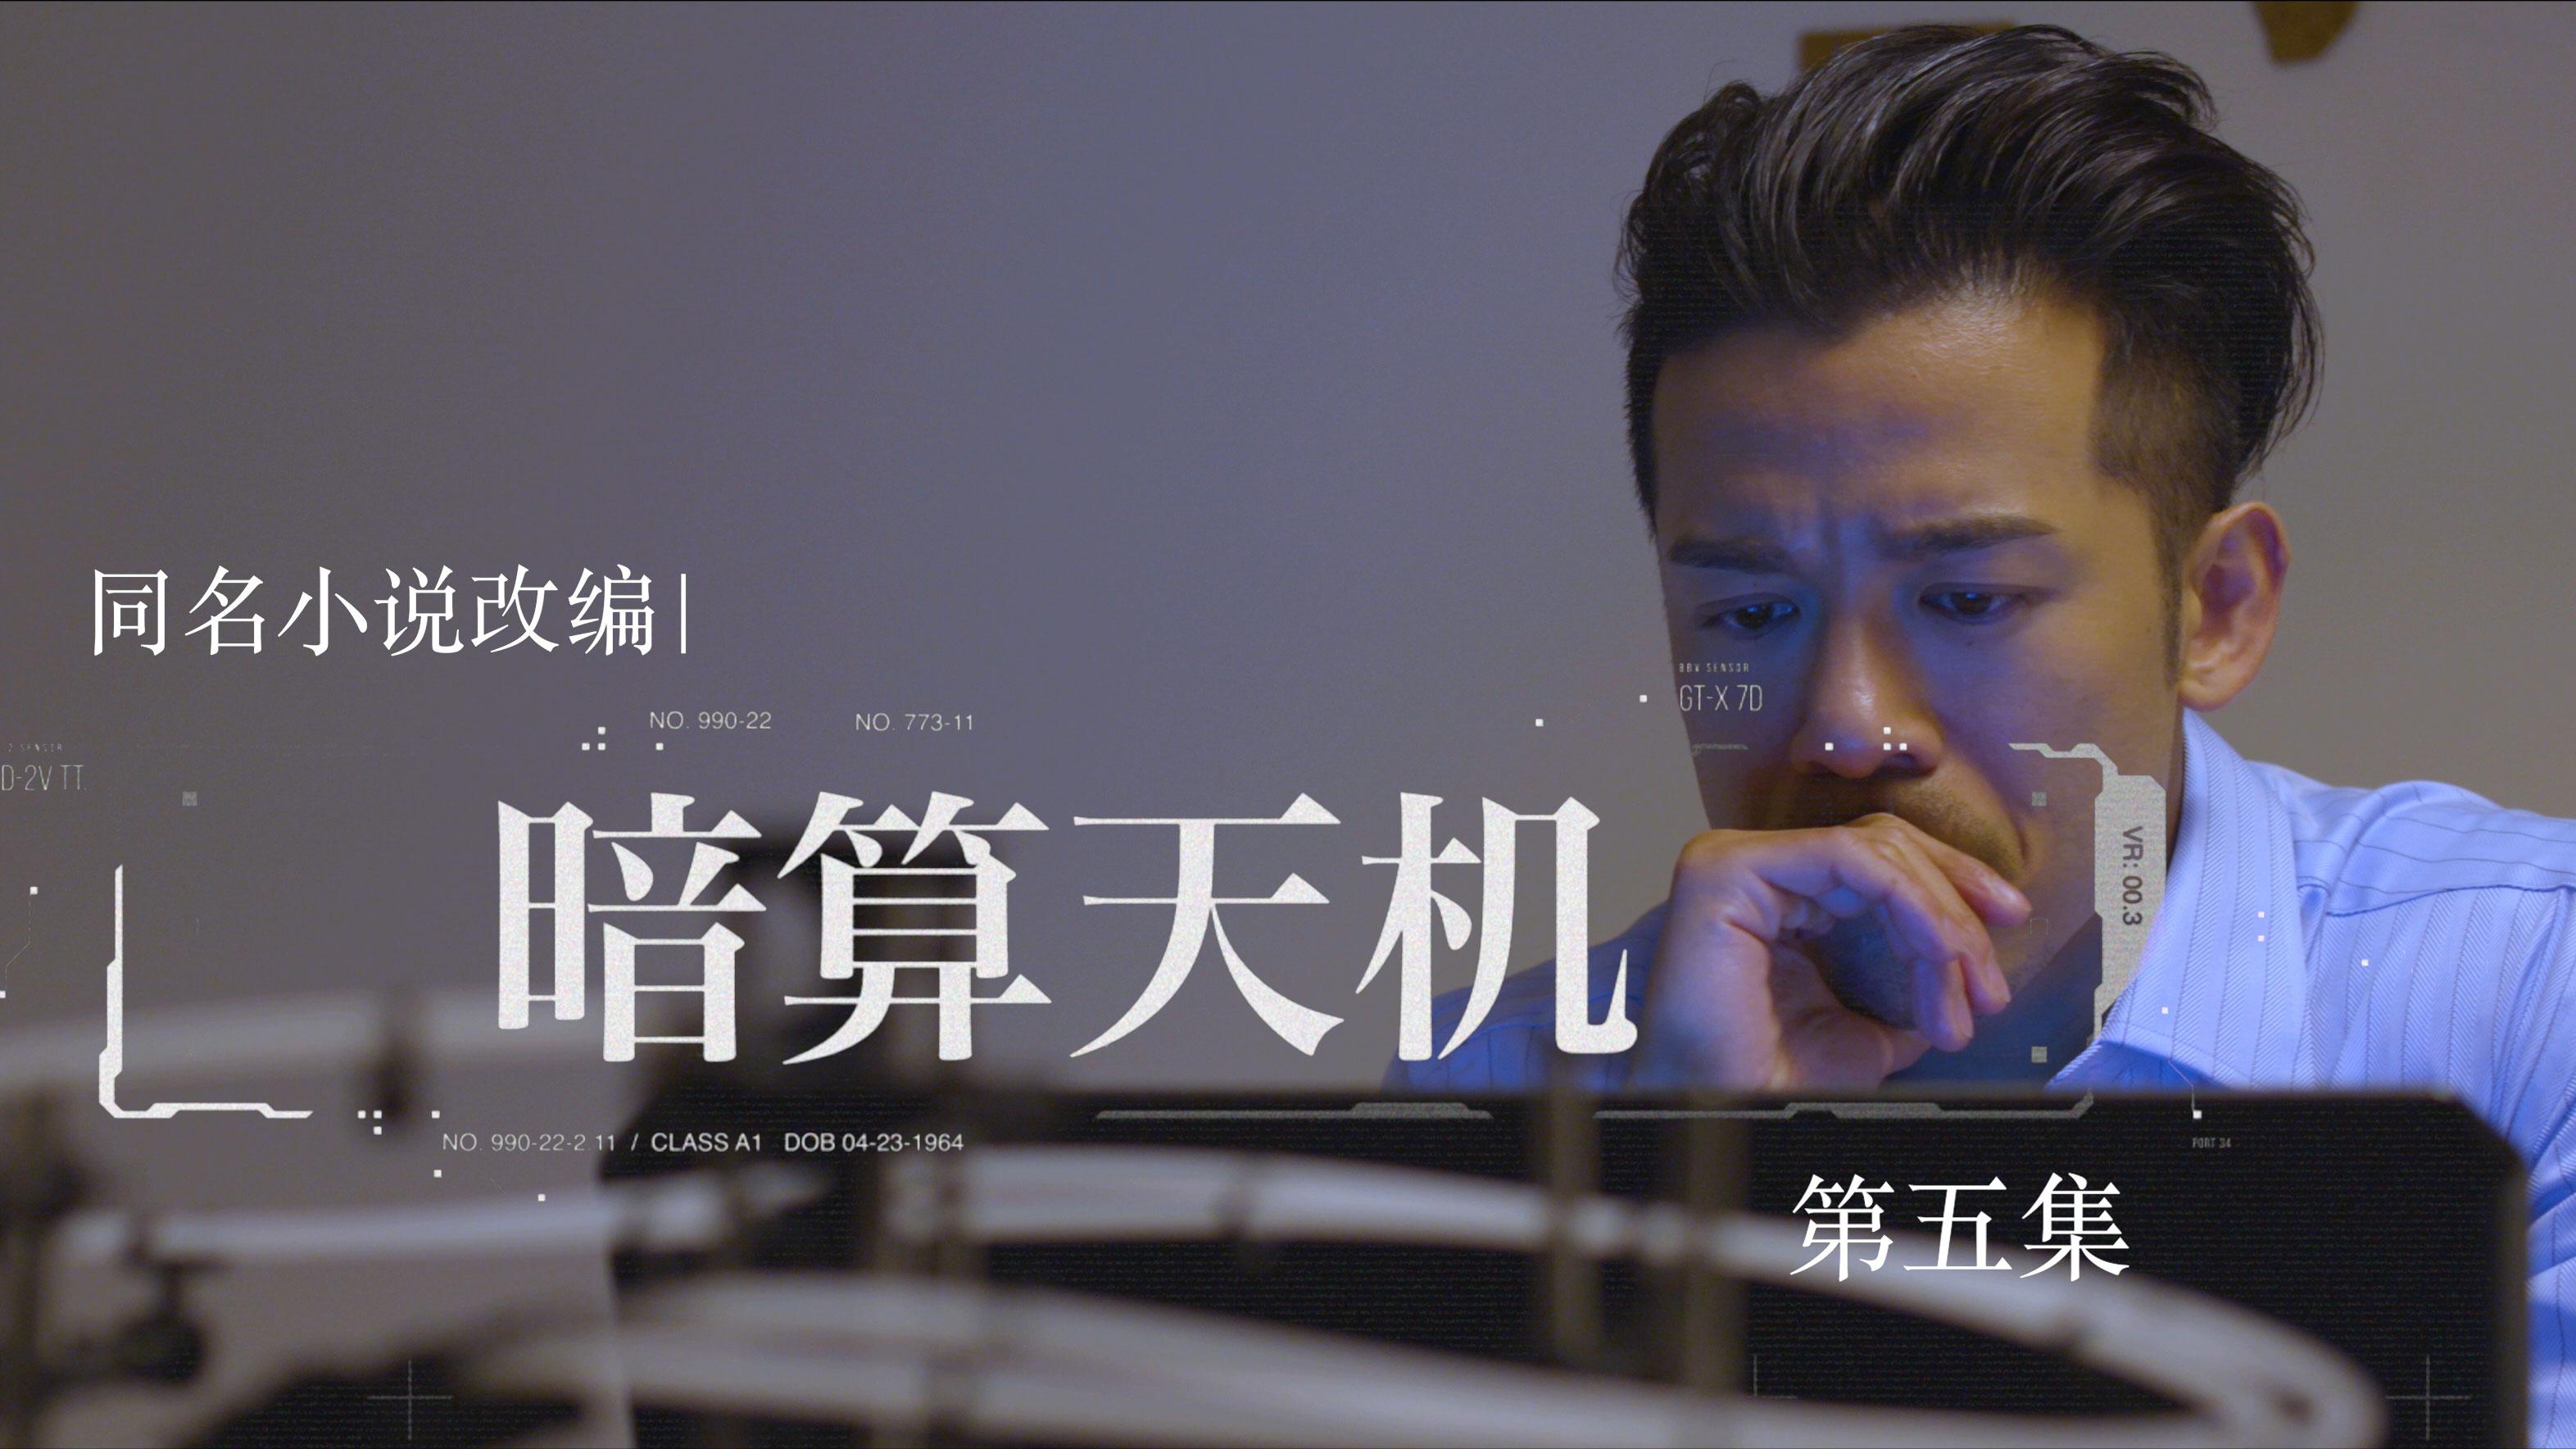 《暗算天机》粤语版 第5集